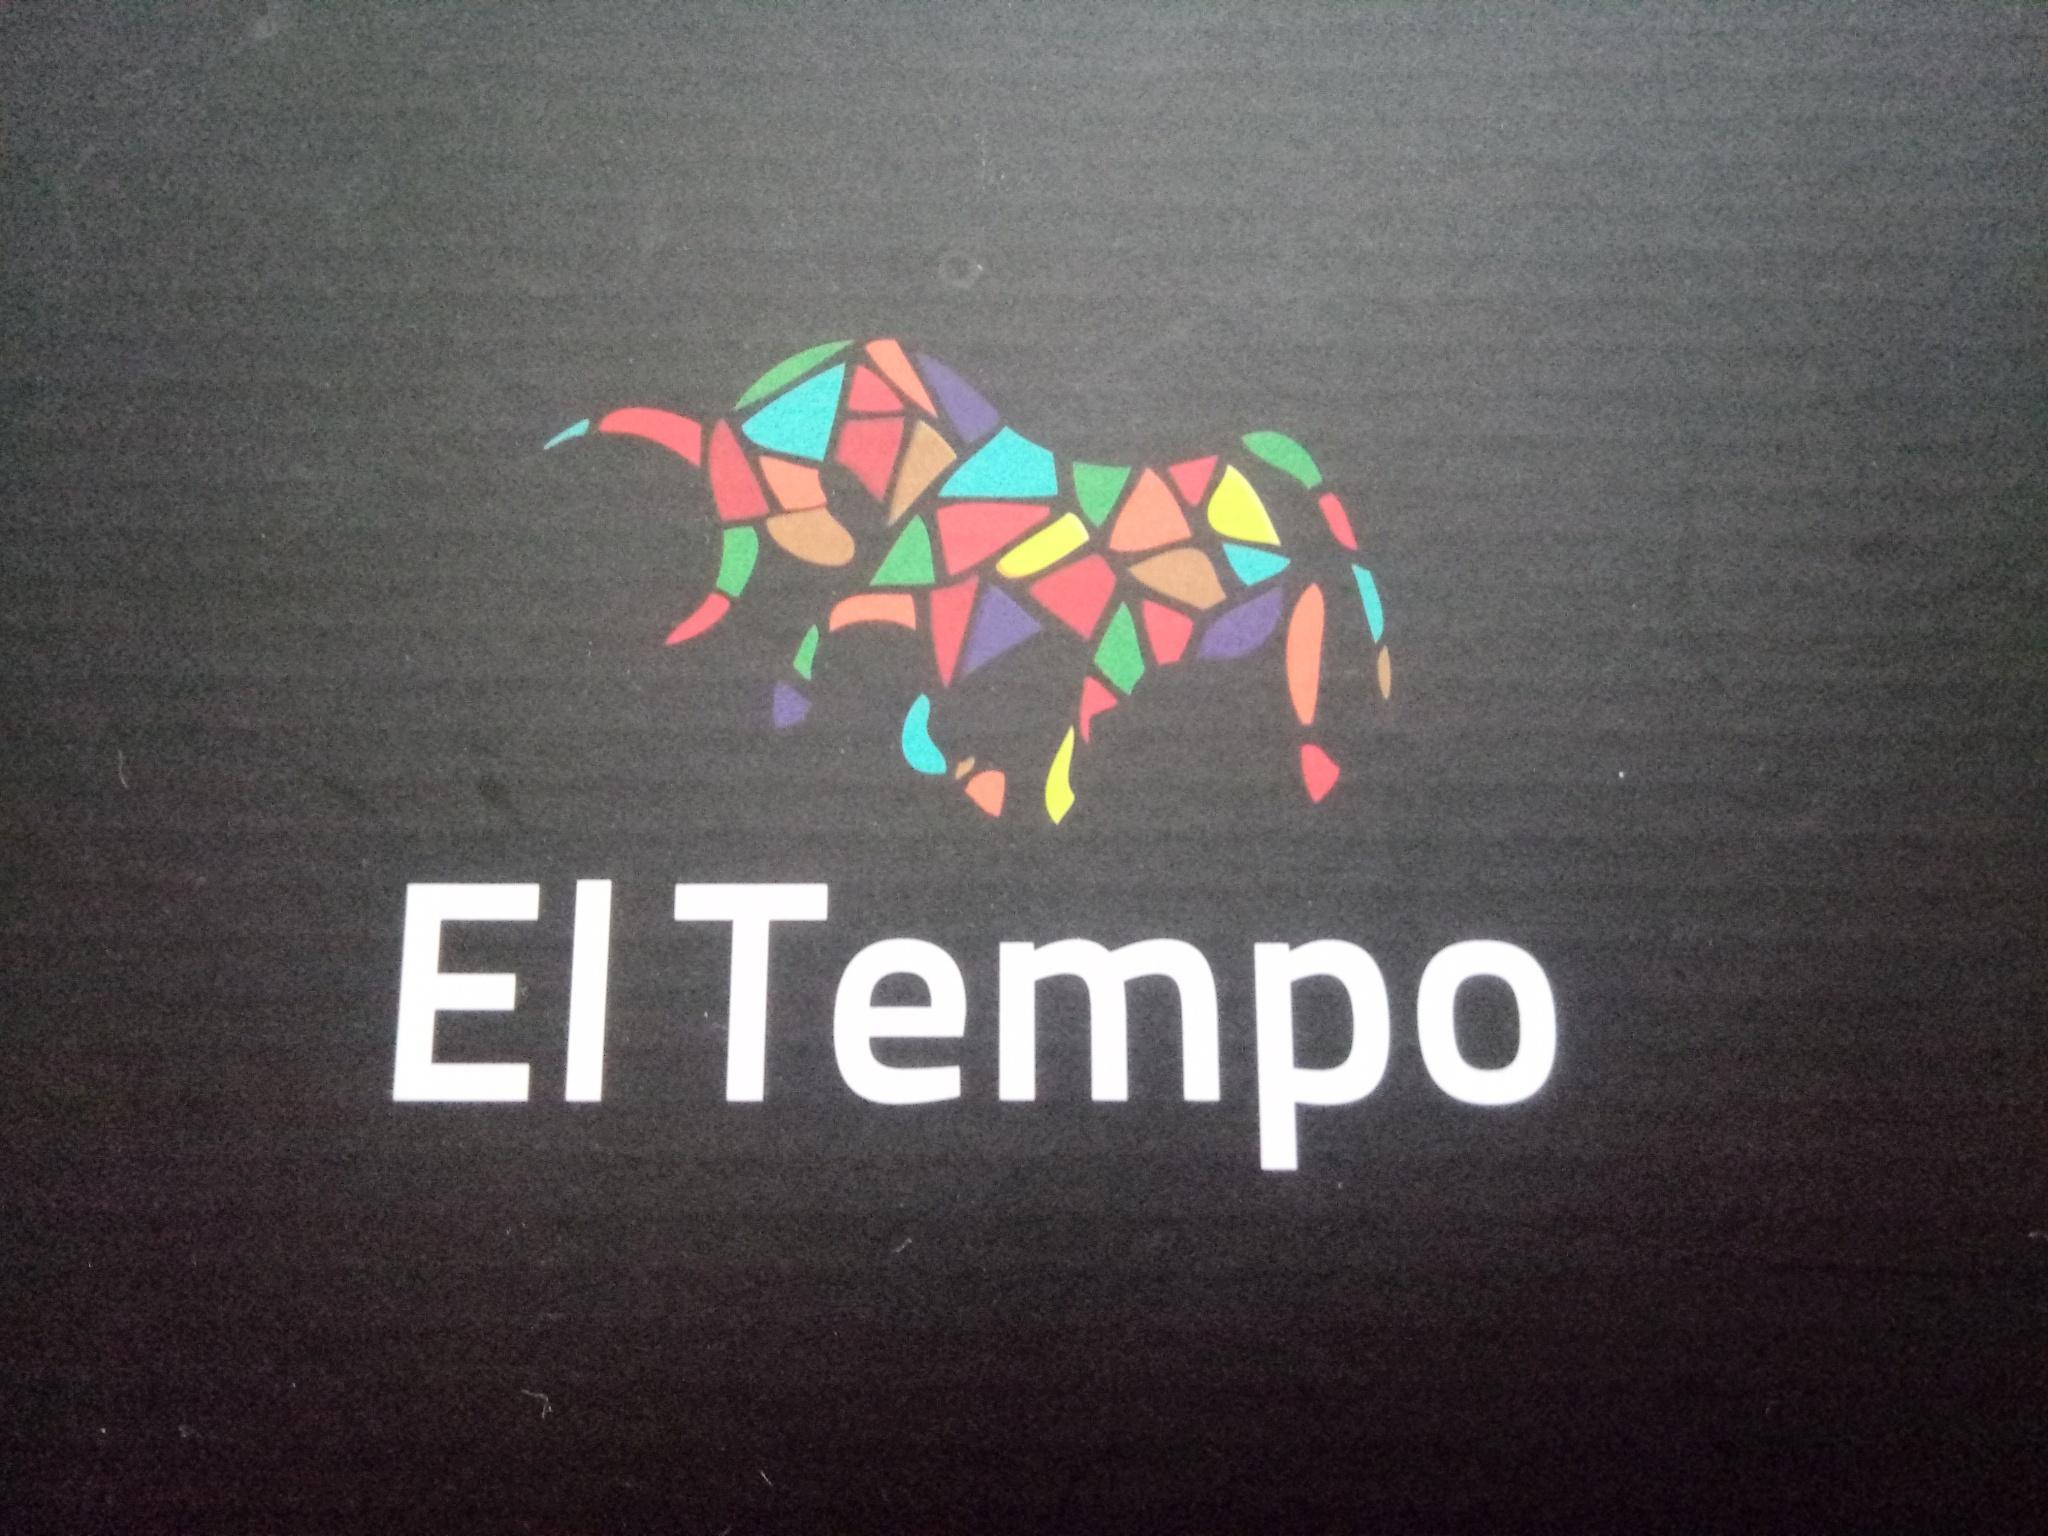 Обувь El Tempo: кроссовки, сандалии, босоножки, туфли, производитель